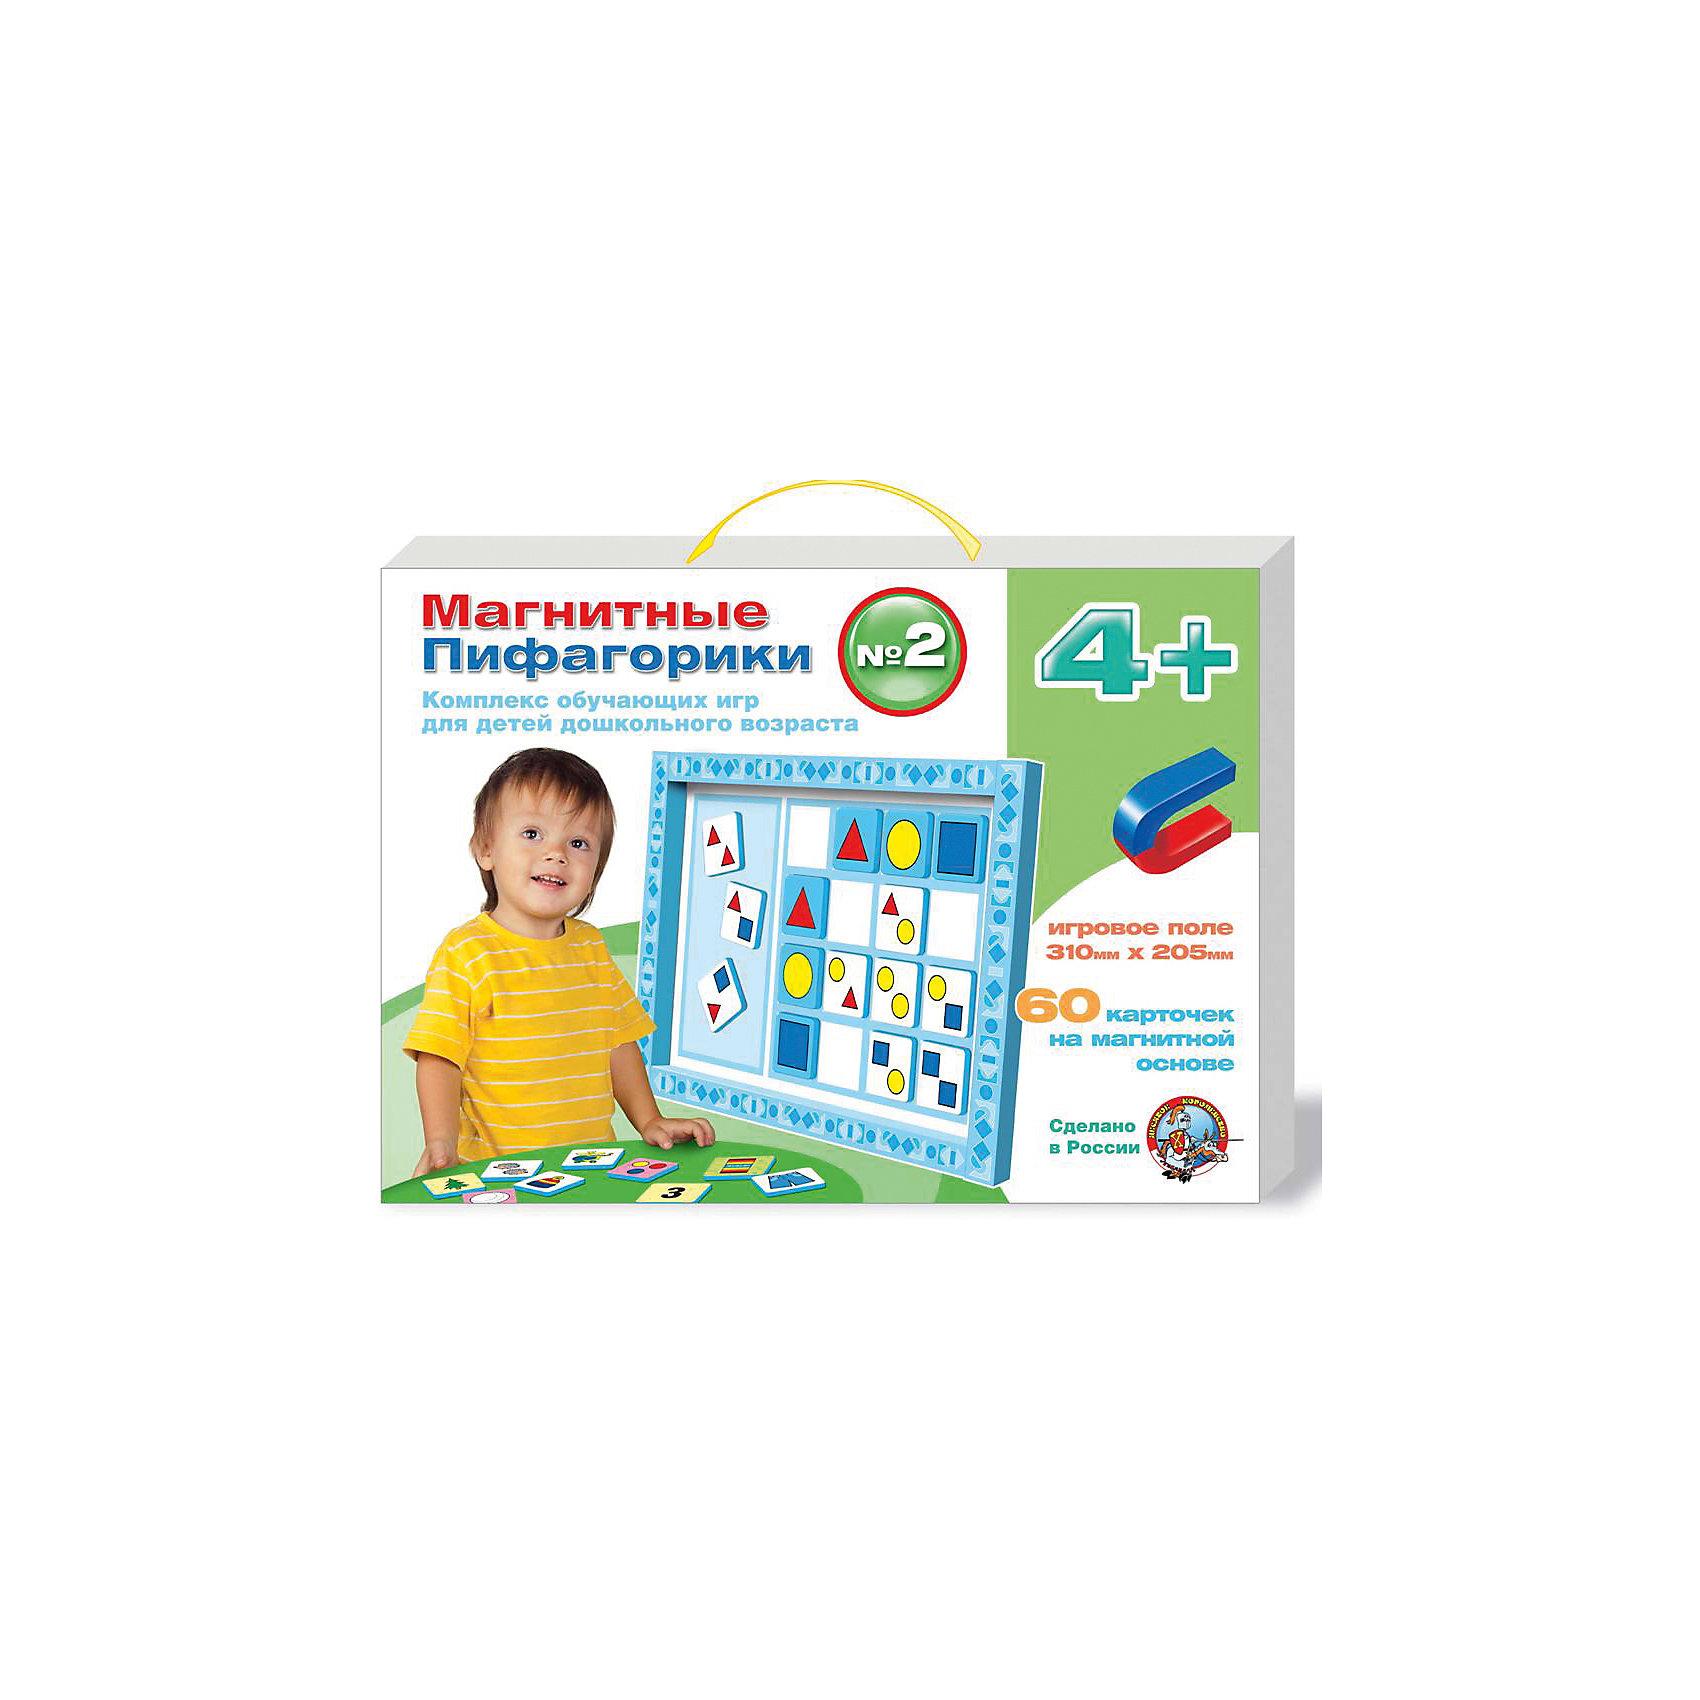 Набор Магнитные Пифагорики 4+, Десятое королевствоОбучающие игры для дошкольников<br>Набор Магнитные Пифагорики 4+, Десятое королевство<br><br>Характеристики: <br><br>• Возраст: от 4 лет<br>• Материал: вспененный полимер, магнит, картон<br>• В комплекте: Игровое поле, 60 карточек на магнитной основе, инструкция на русском языке<br><br>Этот набор позволяет в удобной игровой форме обучить ребенка основным цветам, пониманию формы предметов и их размеров. В наборе содержится магнитное игровое поле, 60 карточек, а так же буклет с 5 вариантами игр. Наиболее эффективным набор будет, если использовать его для работы с ребенком от 4 лет. В процессе игры с приятными на ощупь карточками, малыши быстрее обучаются и схватывают материал.<br><br>Набор Магнитные Пифагорики 4+, Десятое королевство можно купить в нашем интернет-магазине.<br><br>Ширина мм: 364<br>Глубина мм: 263<br>Высота мм: 34<br>Вес г: 612<br>Возраст от месяцев: 60<br>Возраст до месяцев: 84<br>Пол: Унисекс<br>Возраст: Детский<br>SKU: 5473734